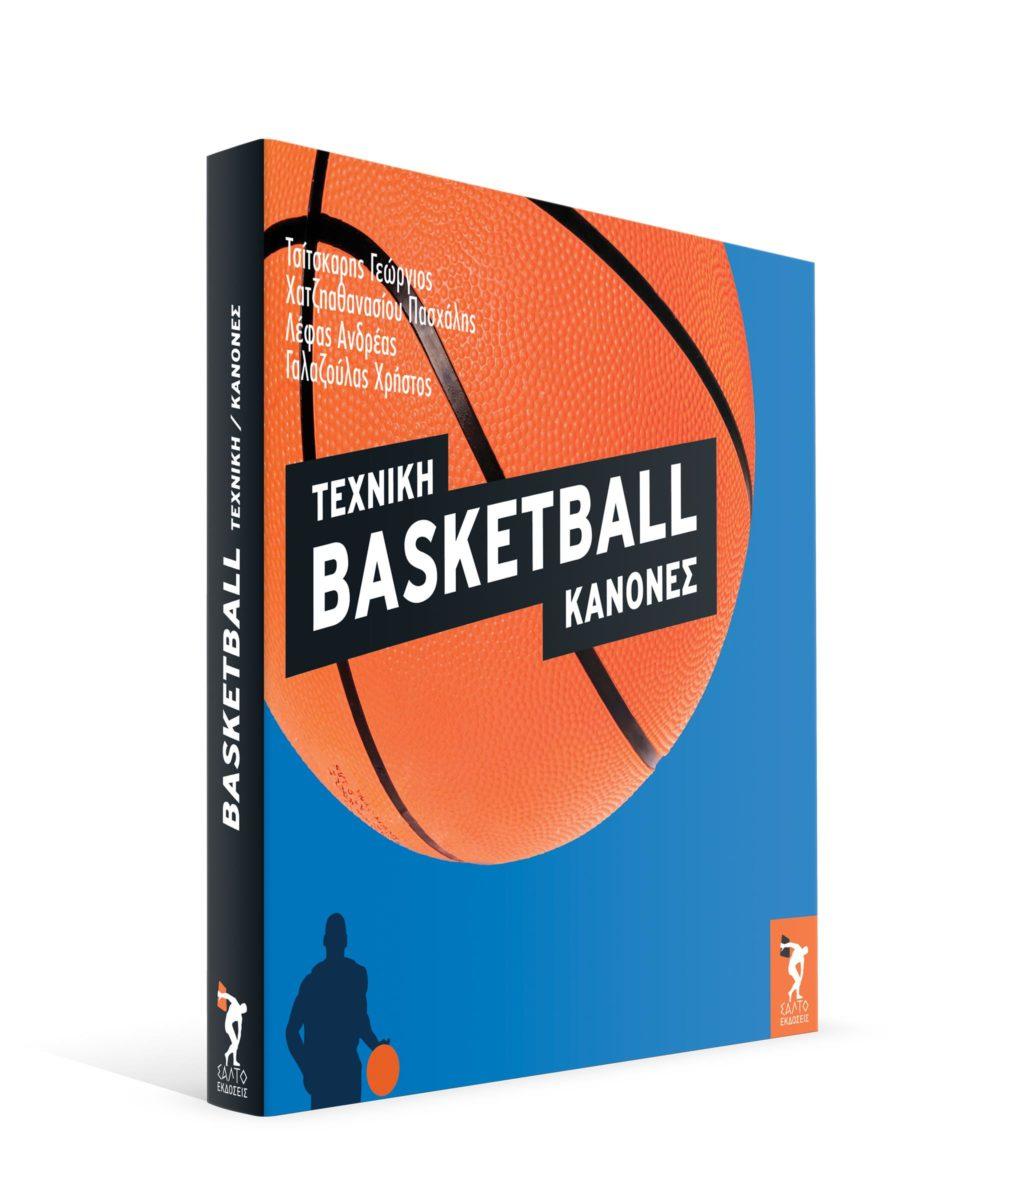 BASKETBALL ΤΕΧΝΙΚΗ - ΚΑΝΟΝΕΣ Νέο. Αθλήματα - Μπάσκετ - Τακτική Τεχνική